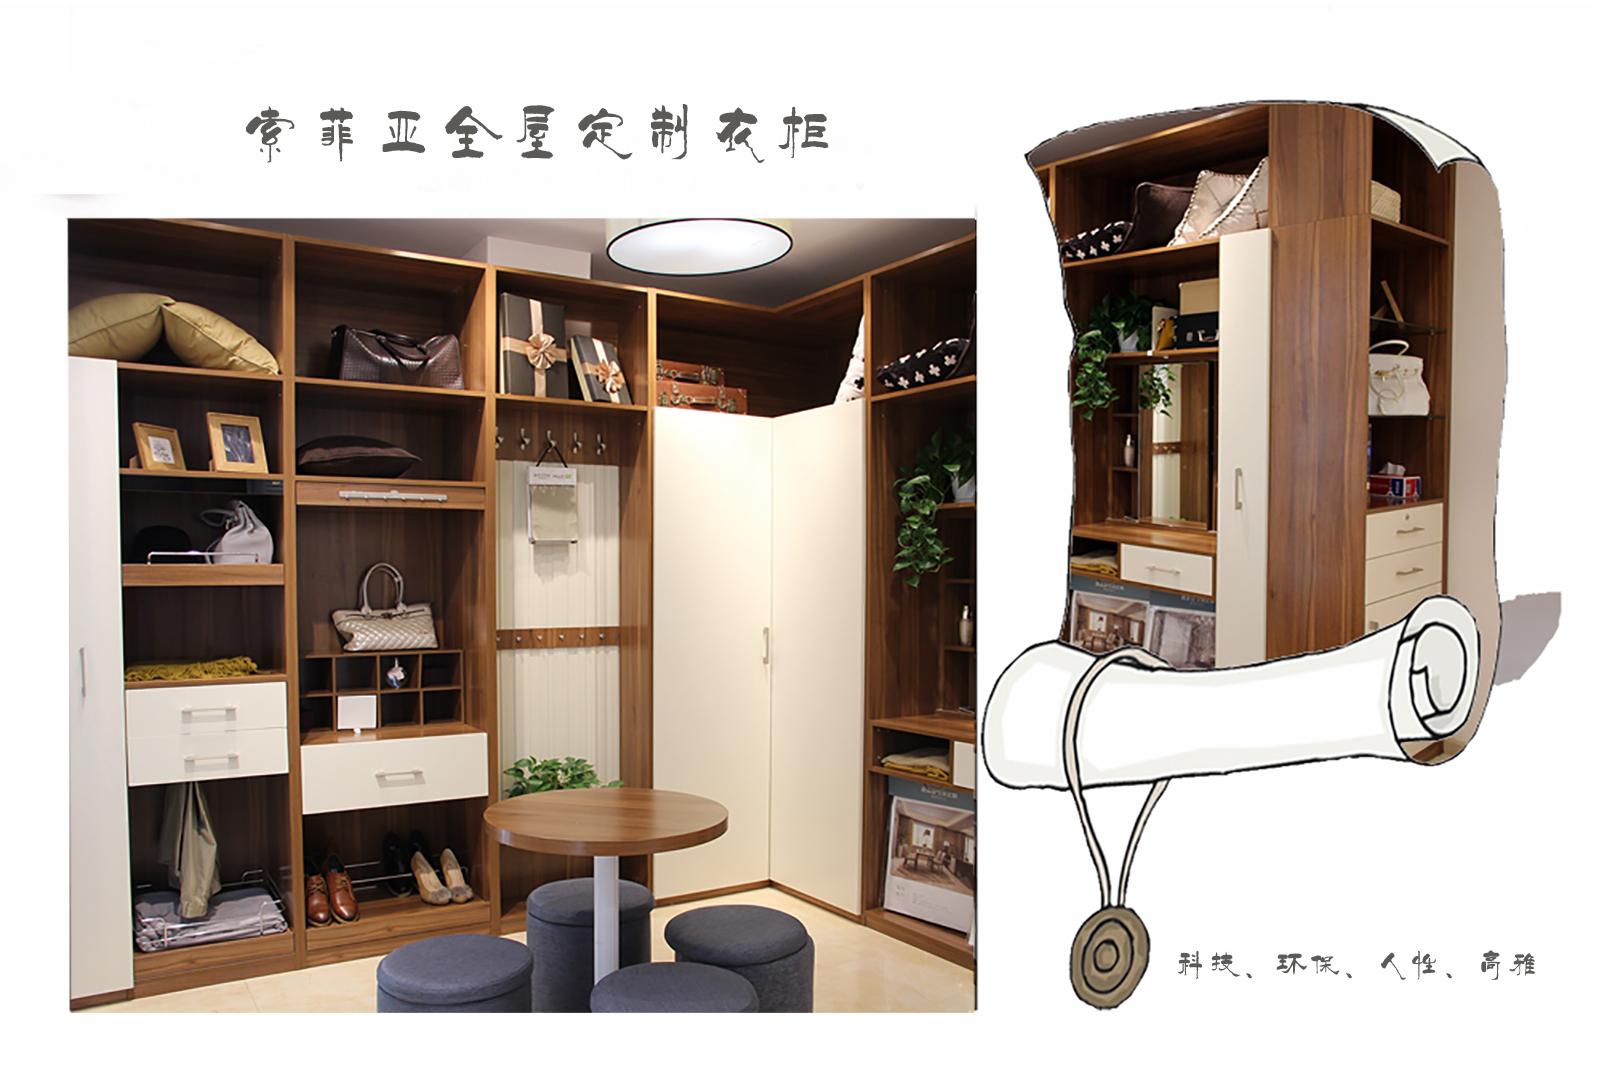 索菲亚全屋定制衣柜提升颜值的首选衣柜